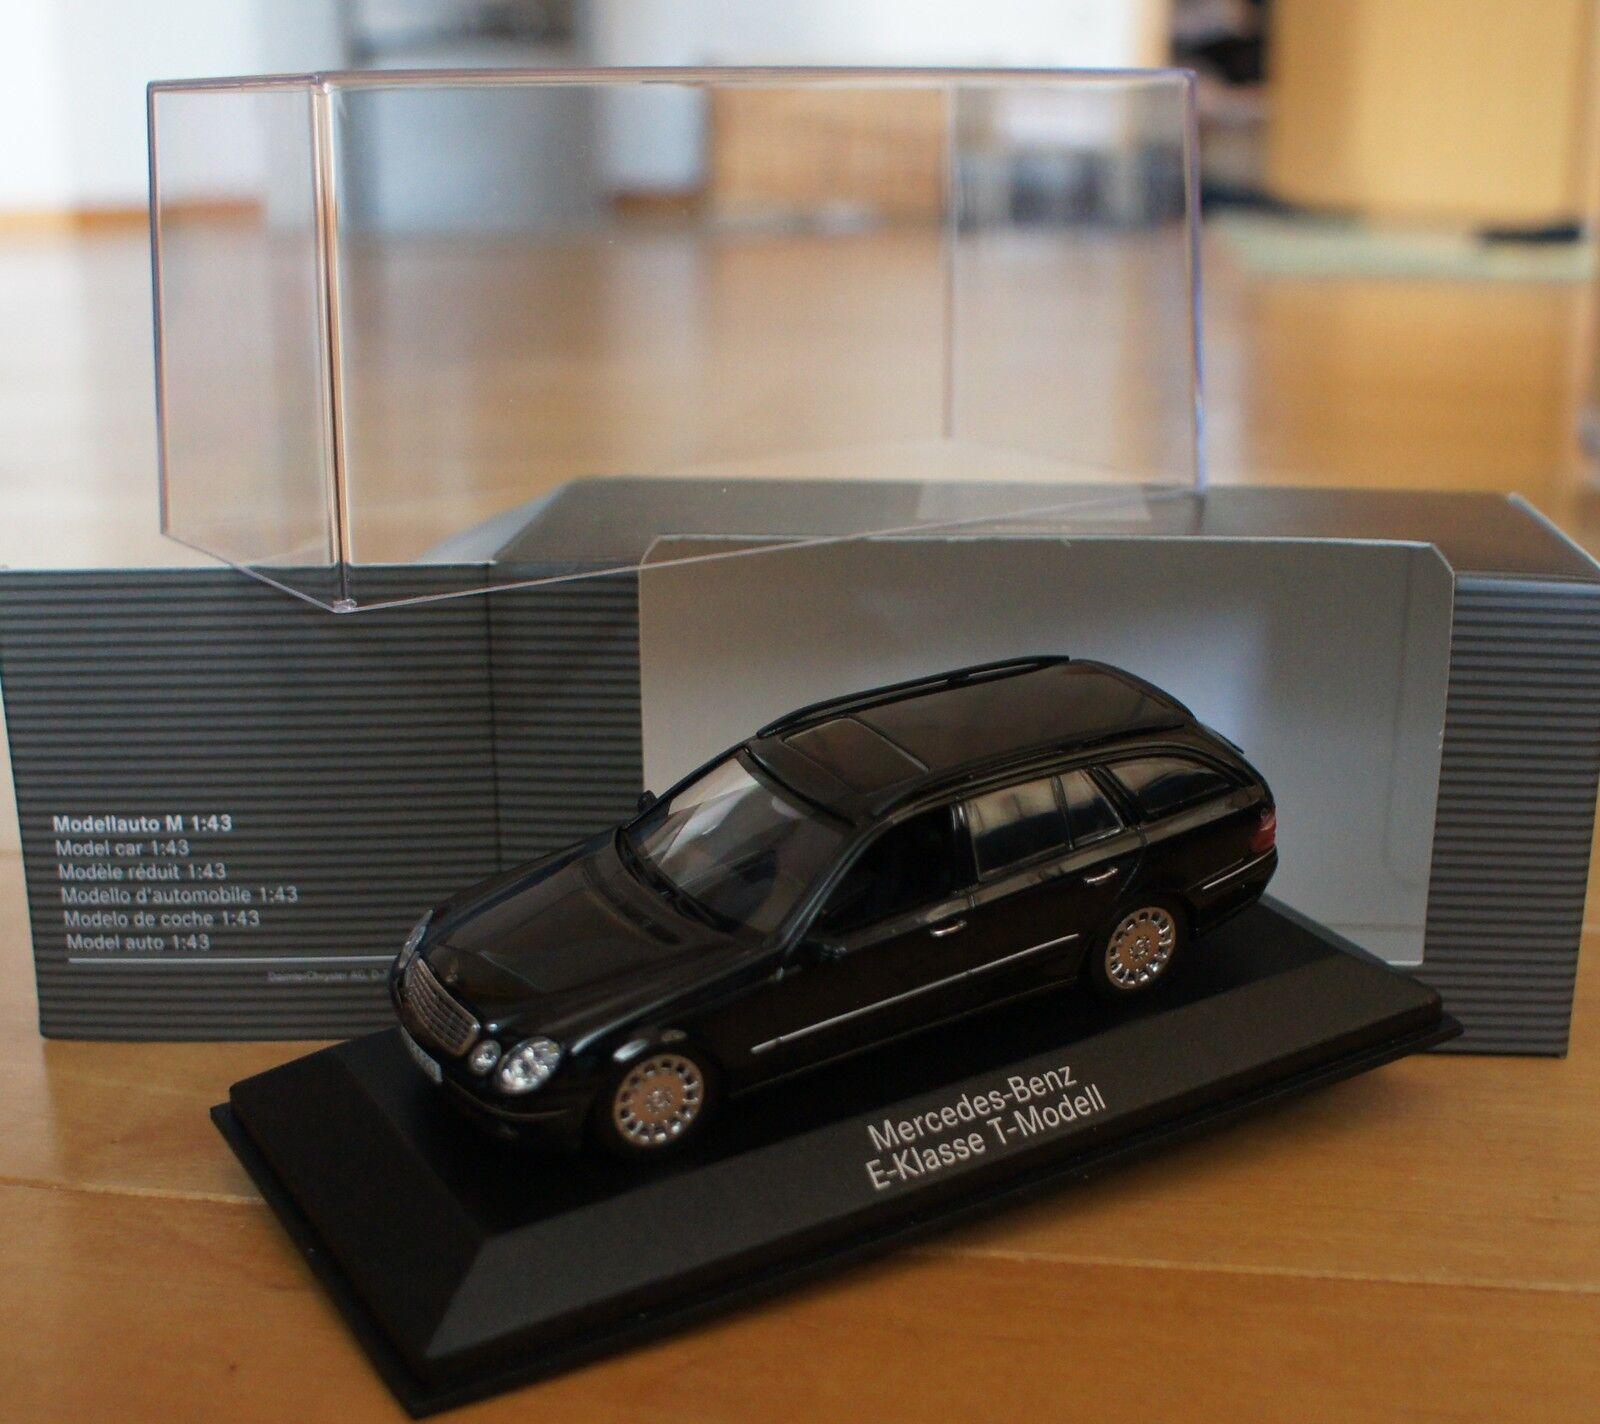 1 43 mercedes e class w211 T Model nero Minichamps nero clase modelo Benz